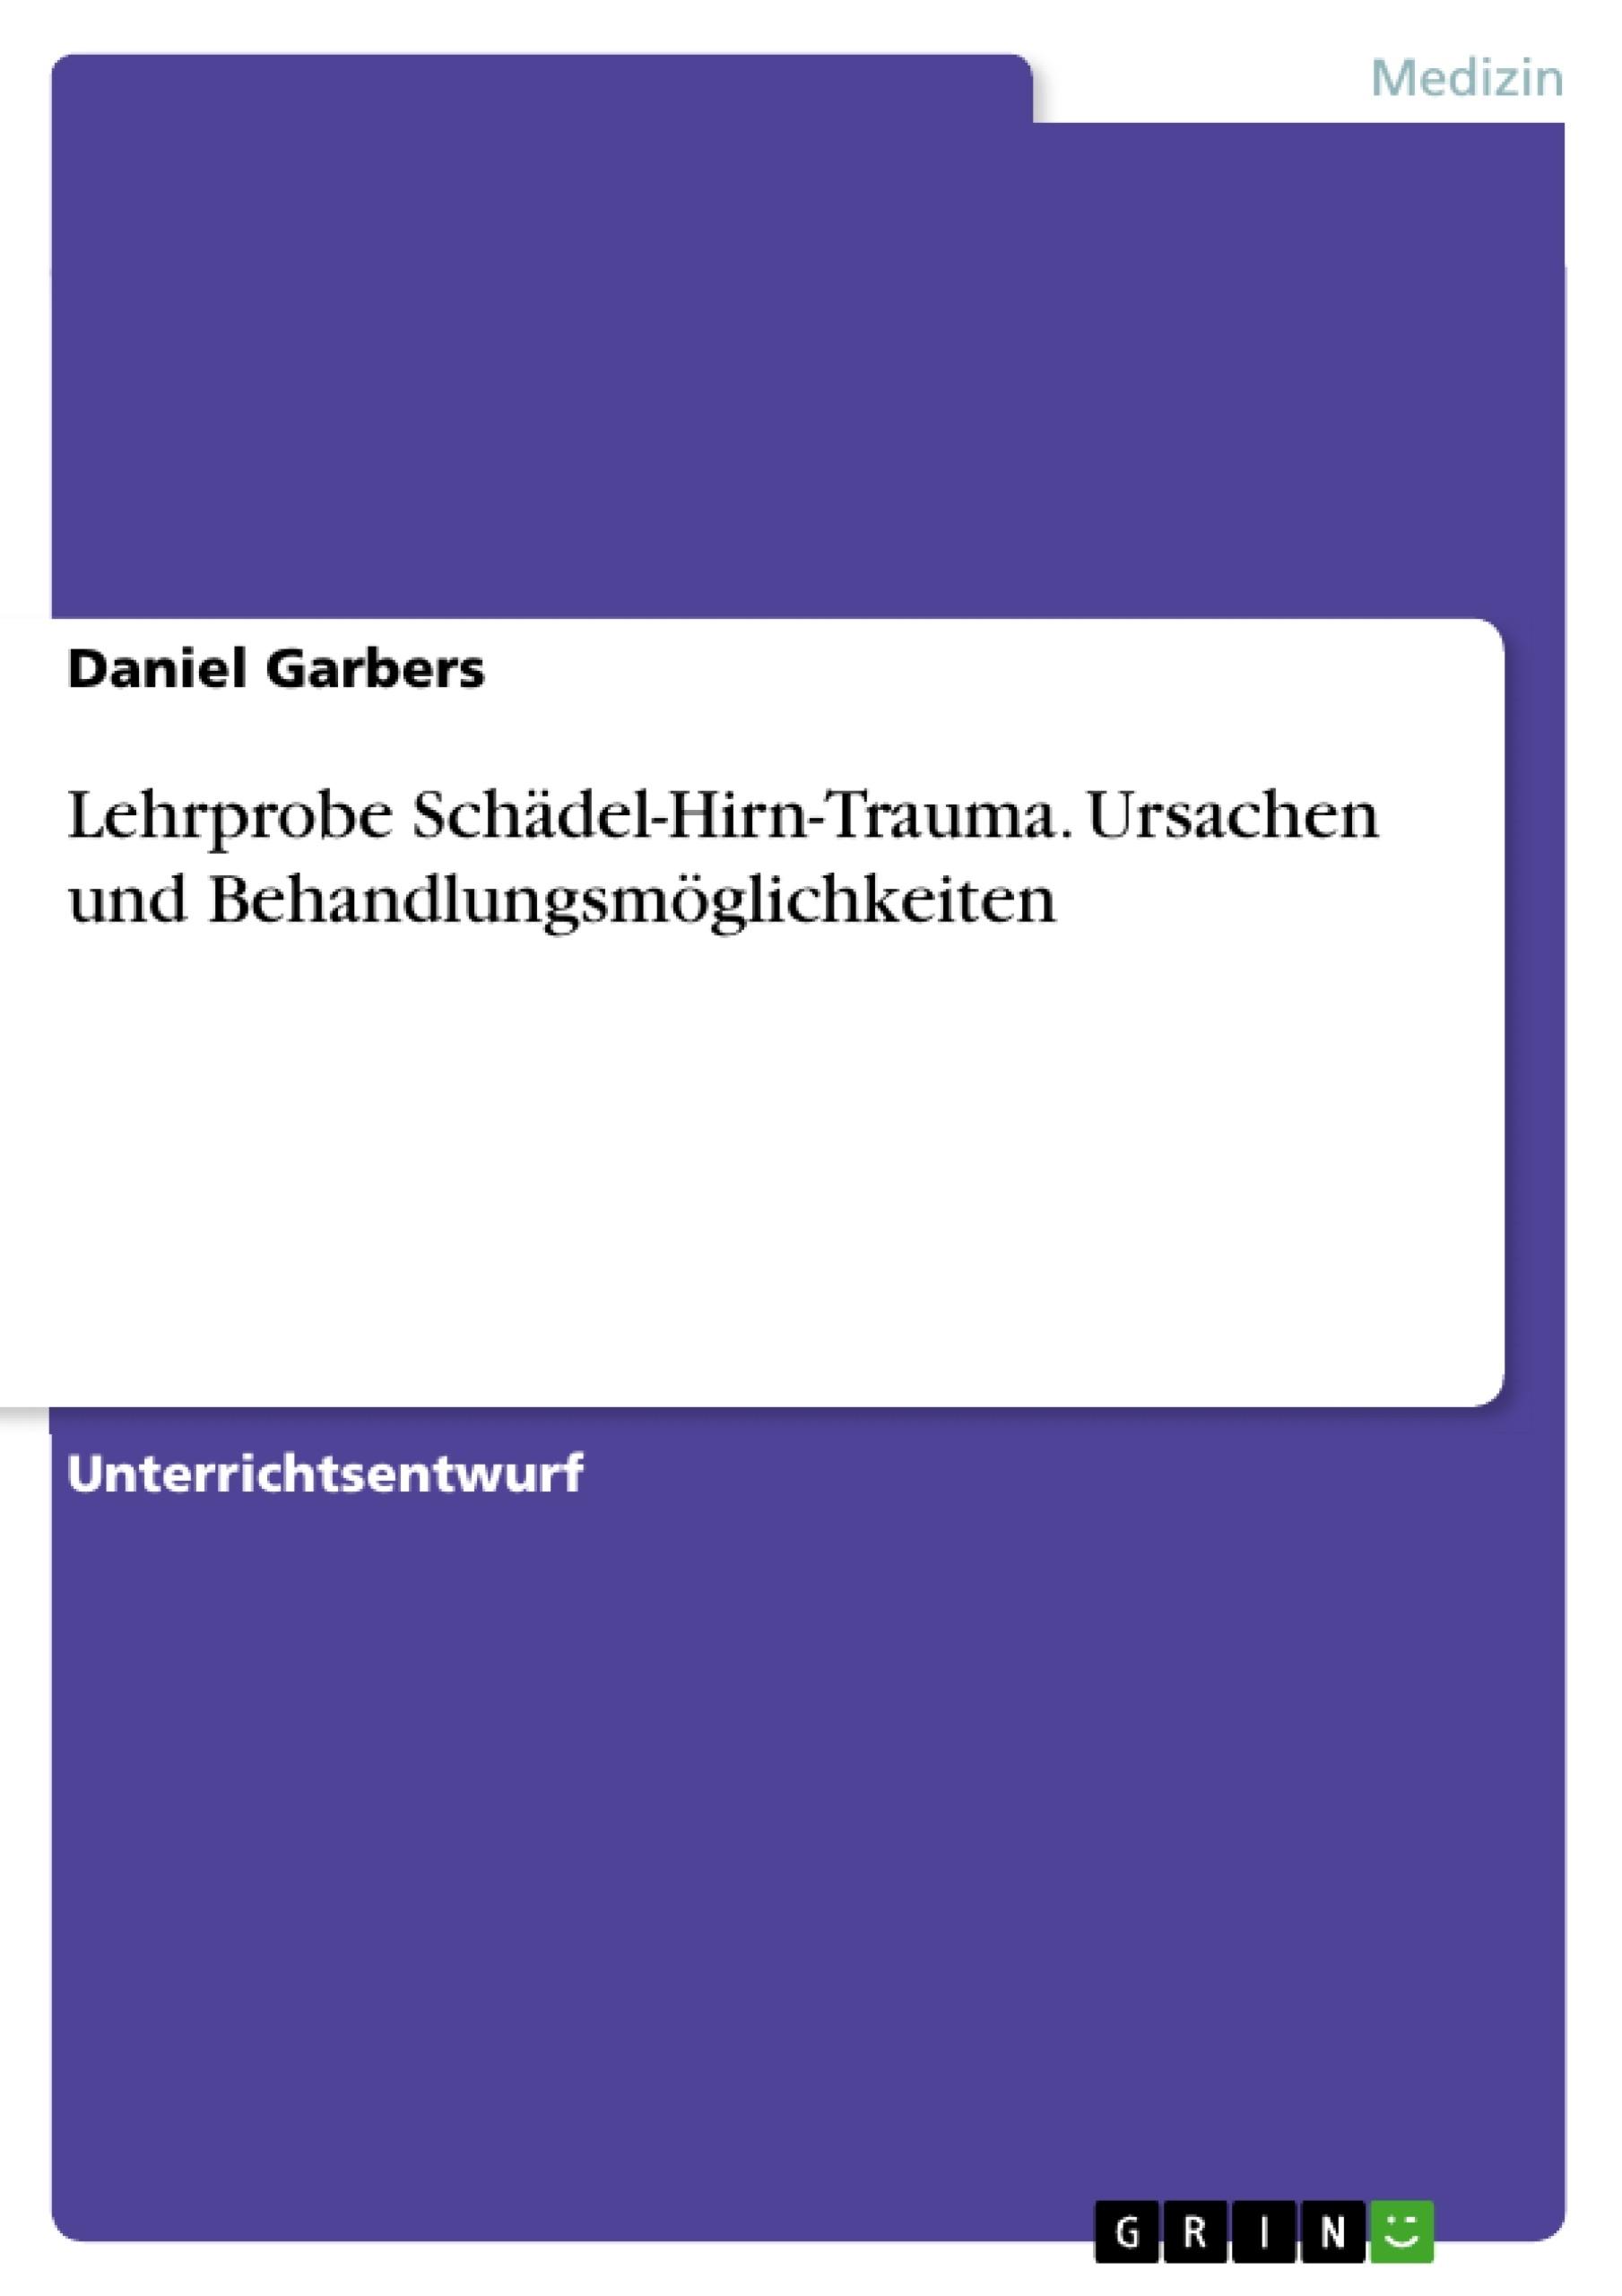 Titel: Lehrprobe Schädel-Hirn-Trauma. Ursachen und Behandlungsmöglichkeiten